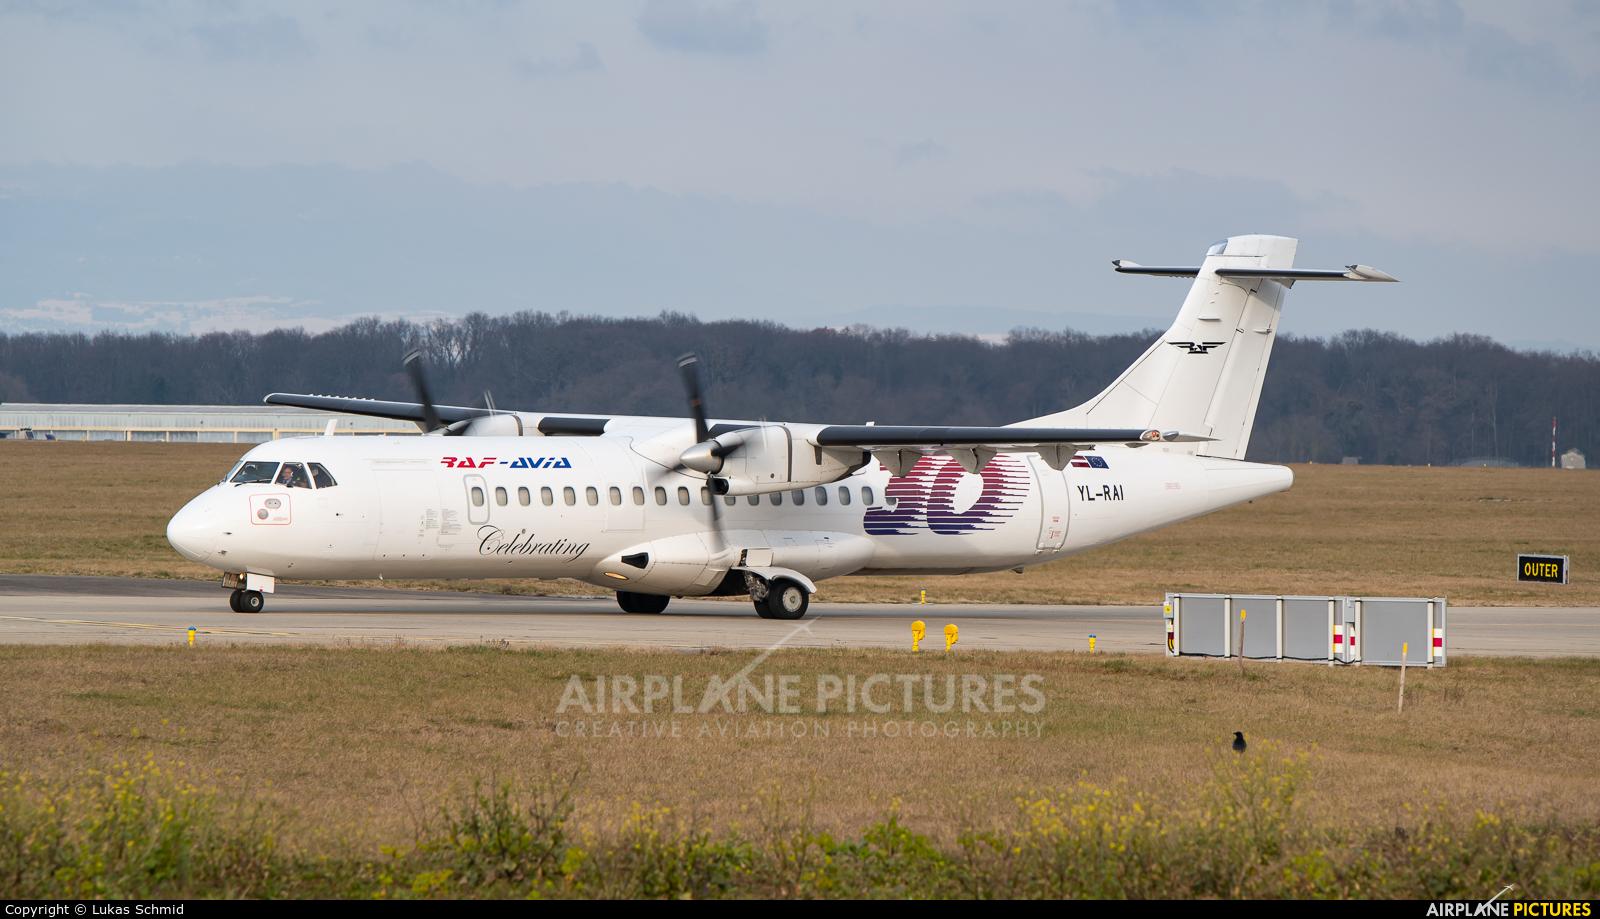 RAF Avia YL-RAI aircraft at Geneva Intl